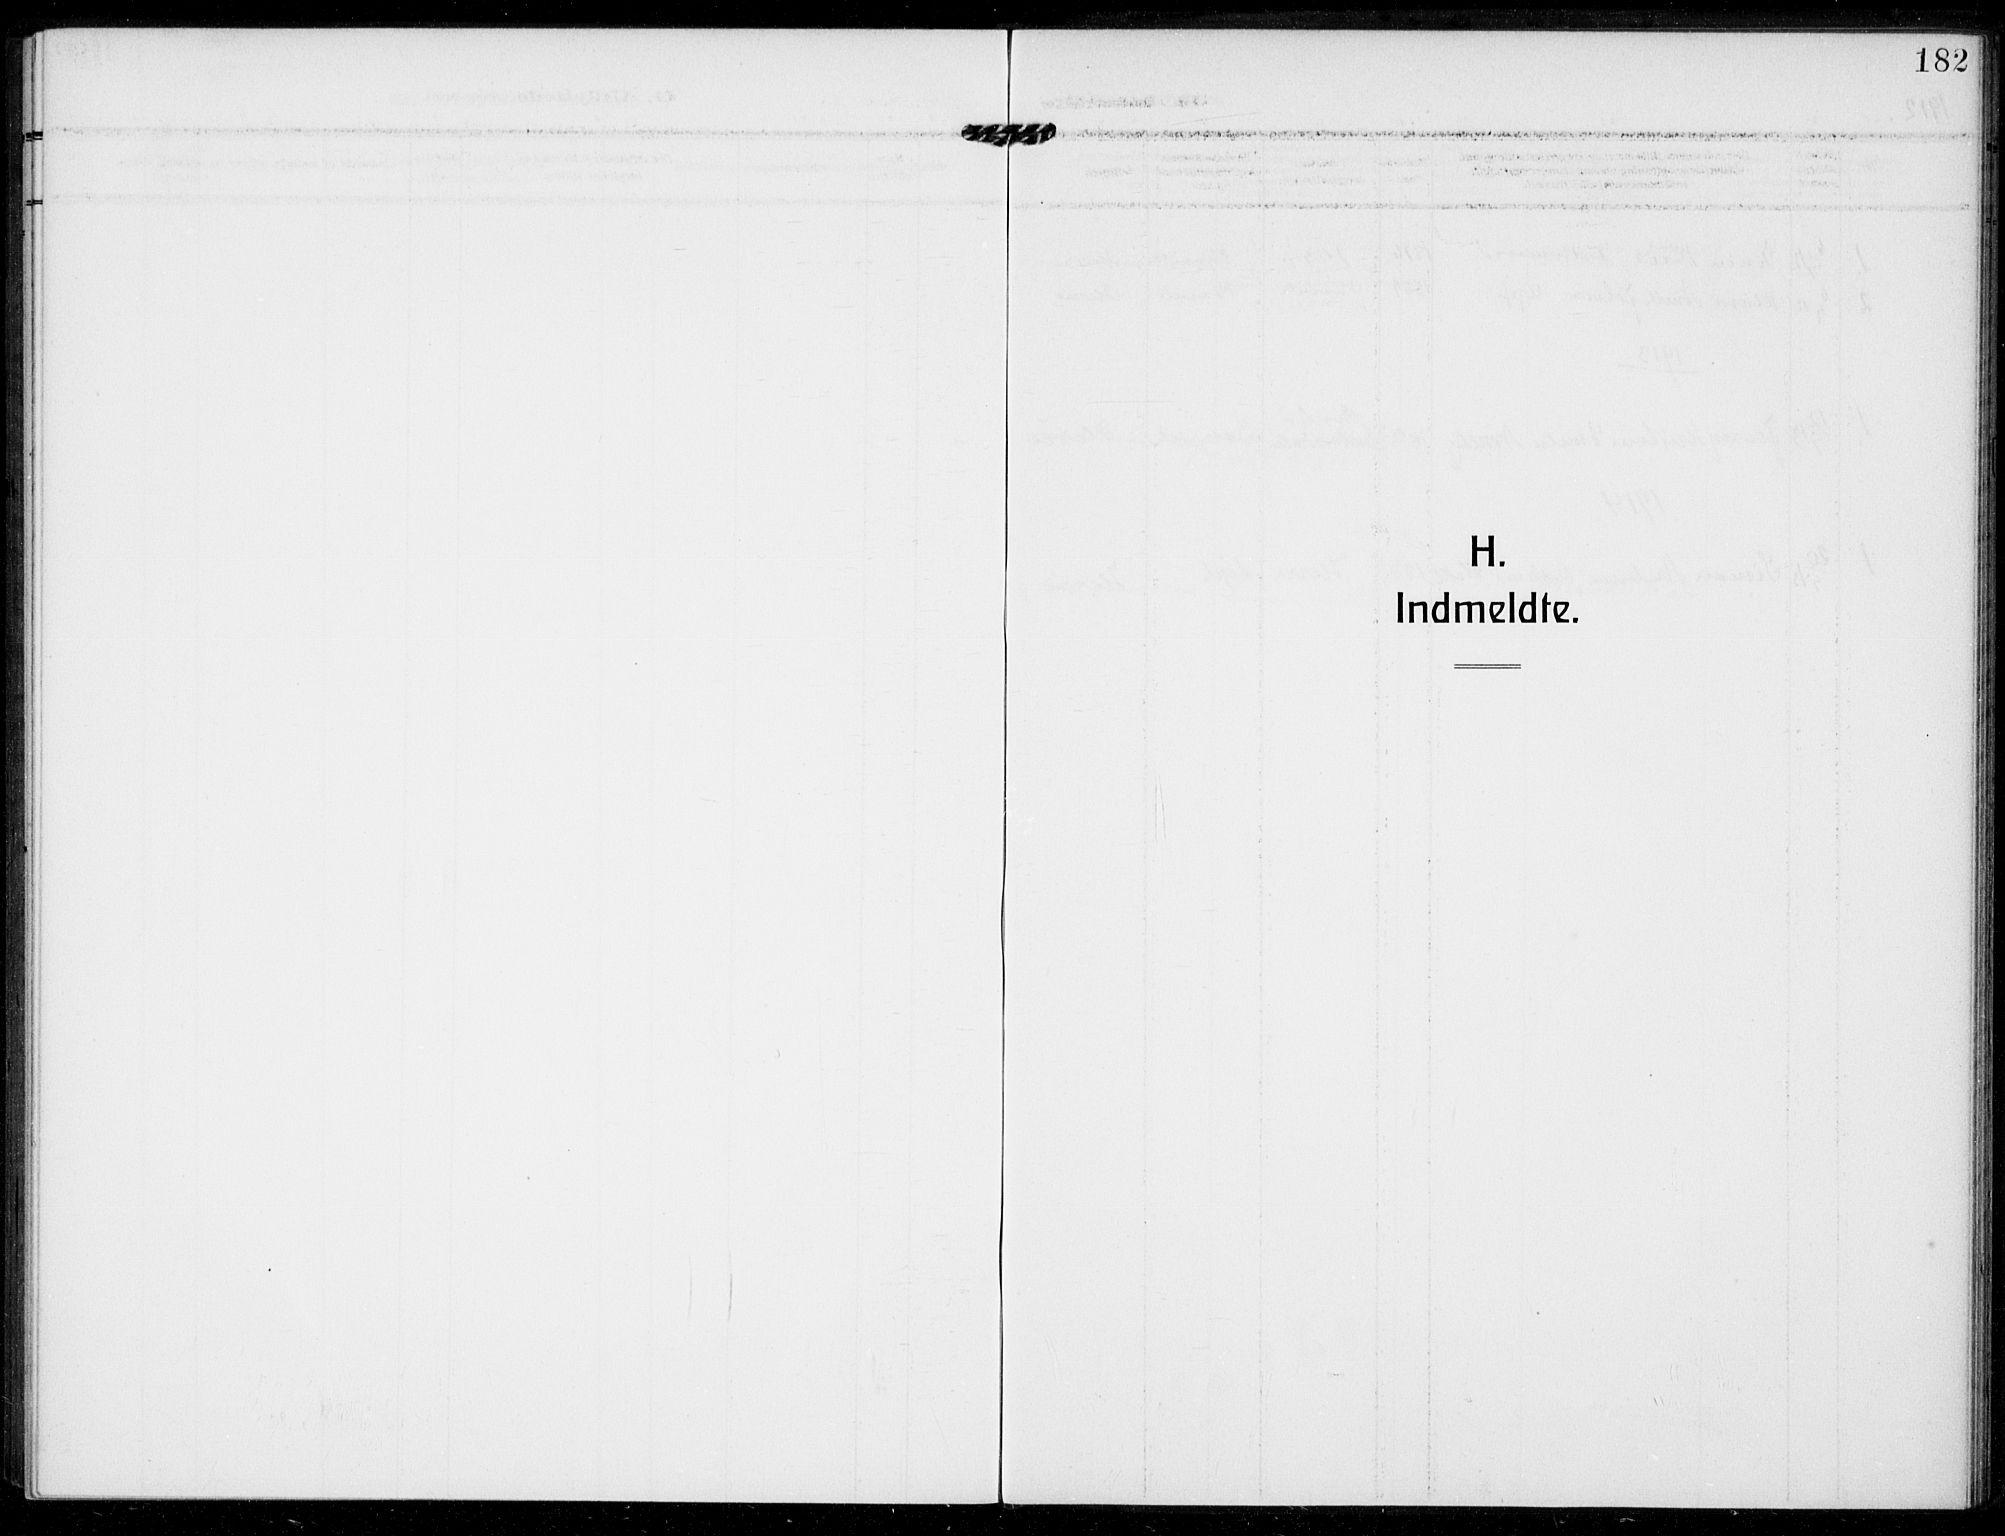 SAKO, Bamble kirkebøker, F/Fc/L0001: Ministerialbok nr. III 1, 1909-1916, s. 182